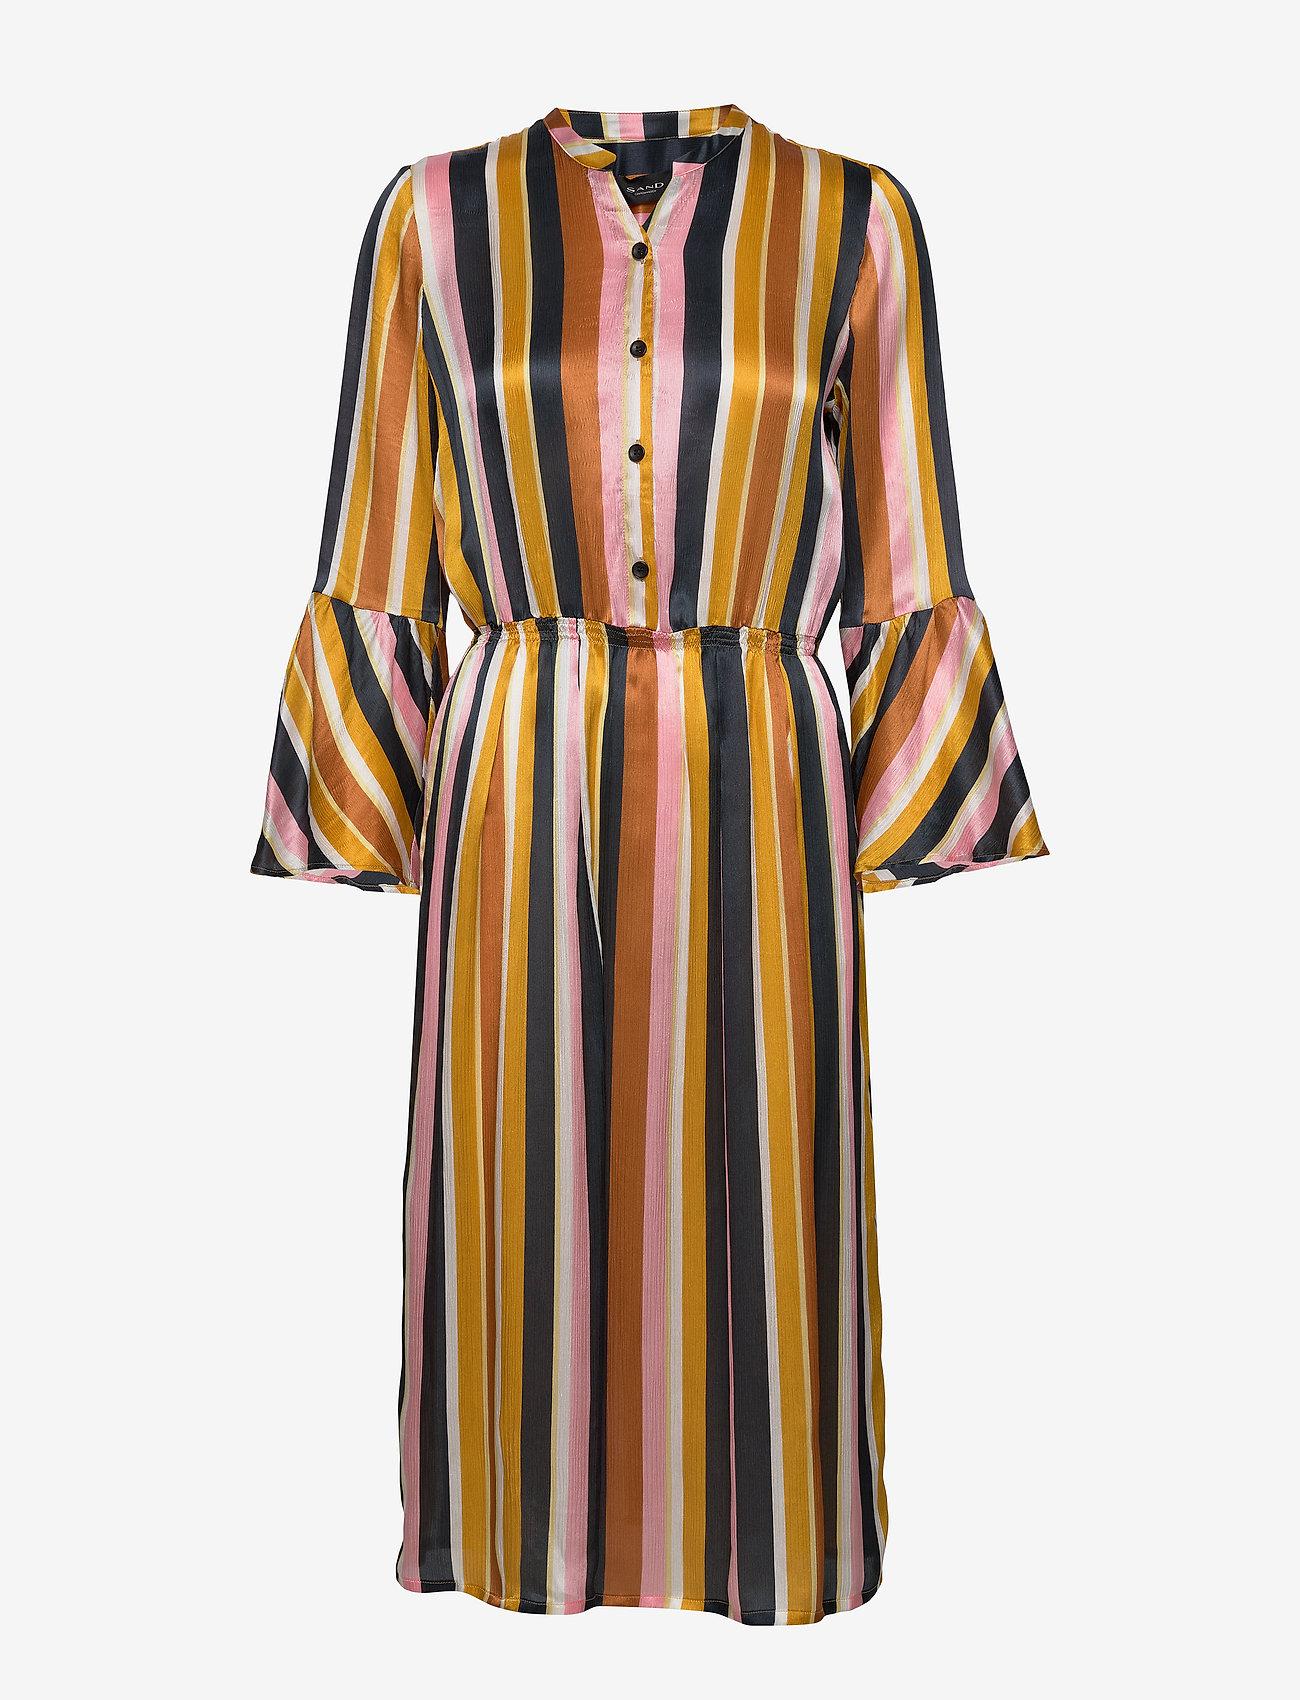 SAND - 3371 - Estelle Dress - paitamekot - pattern - 0